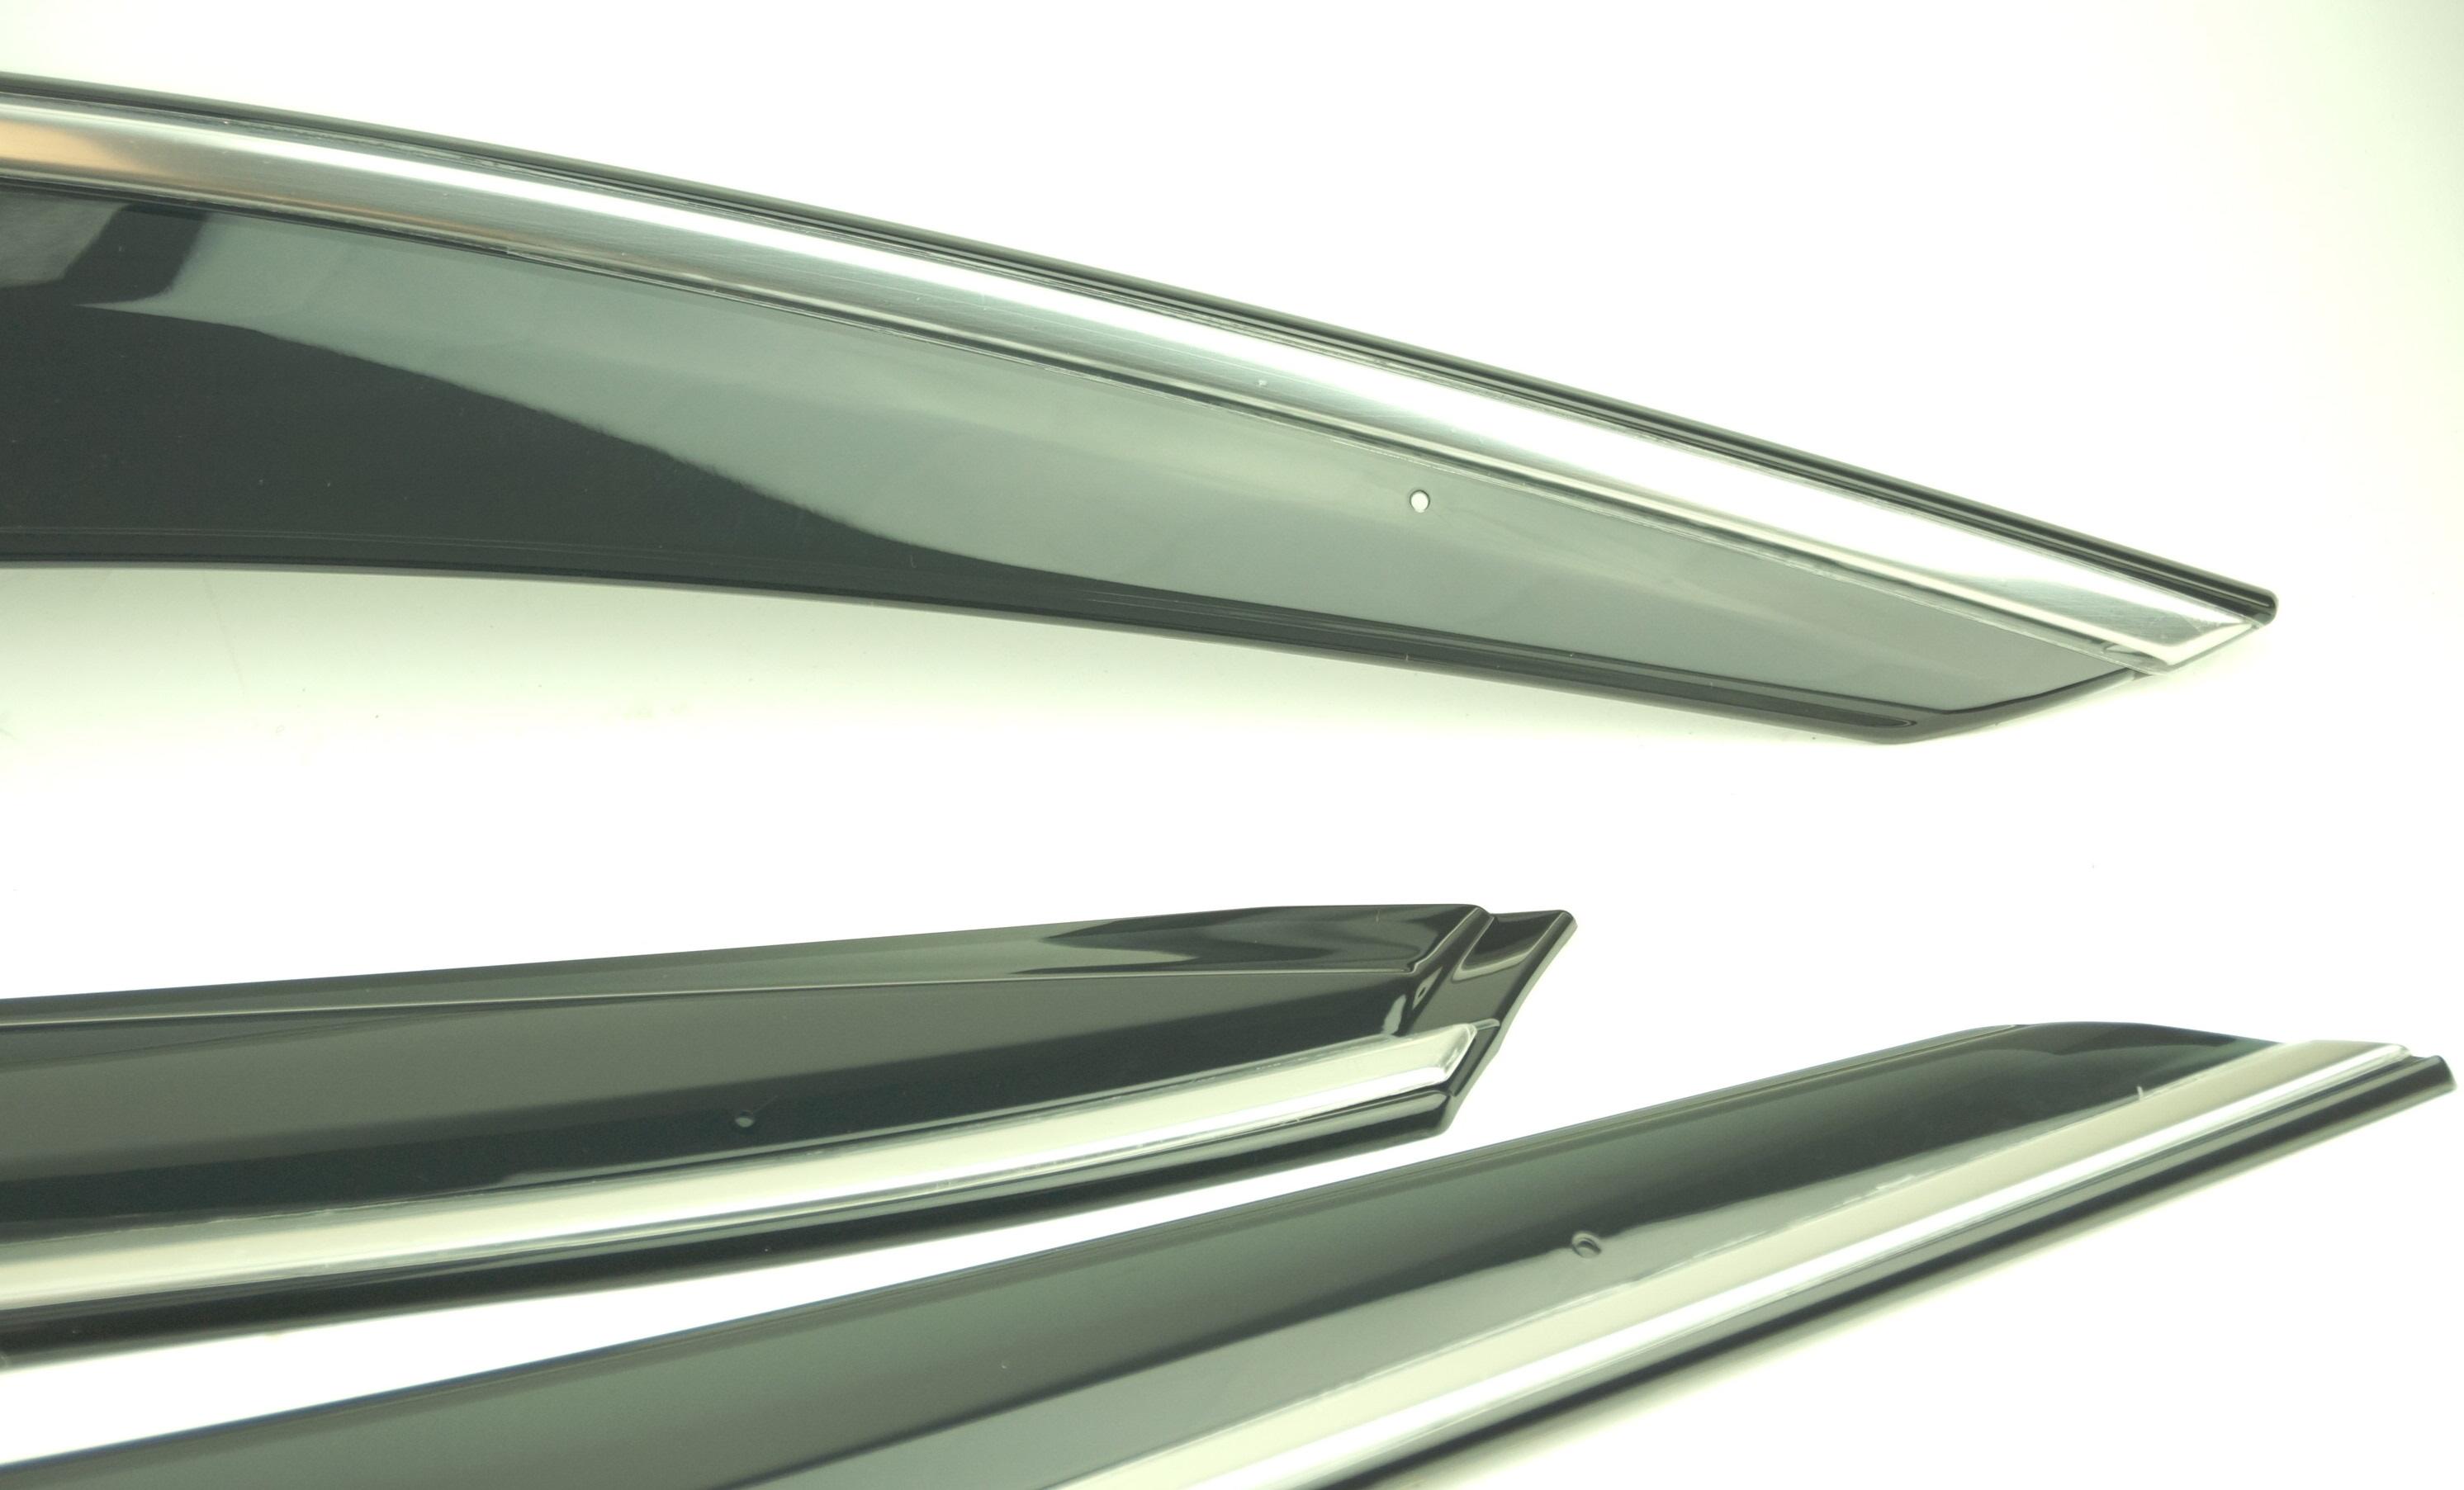 New OEM 08R04TGG100 Honda Civic Hatchback Sport Touring Door Visor Kit 5Dr Hatch - image 4